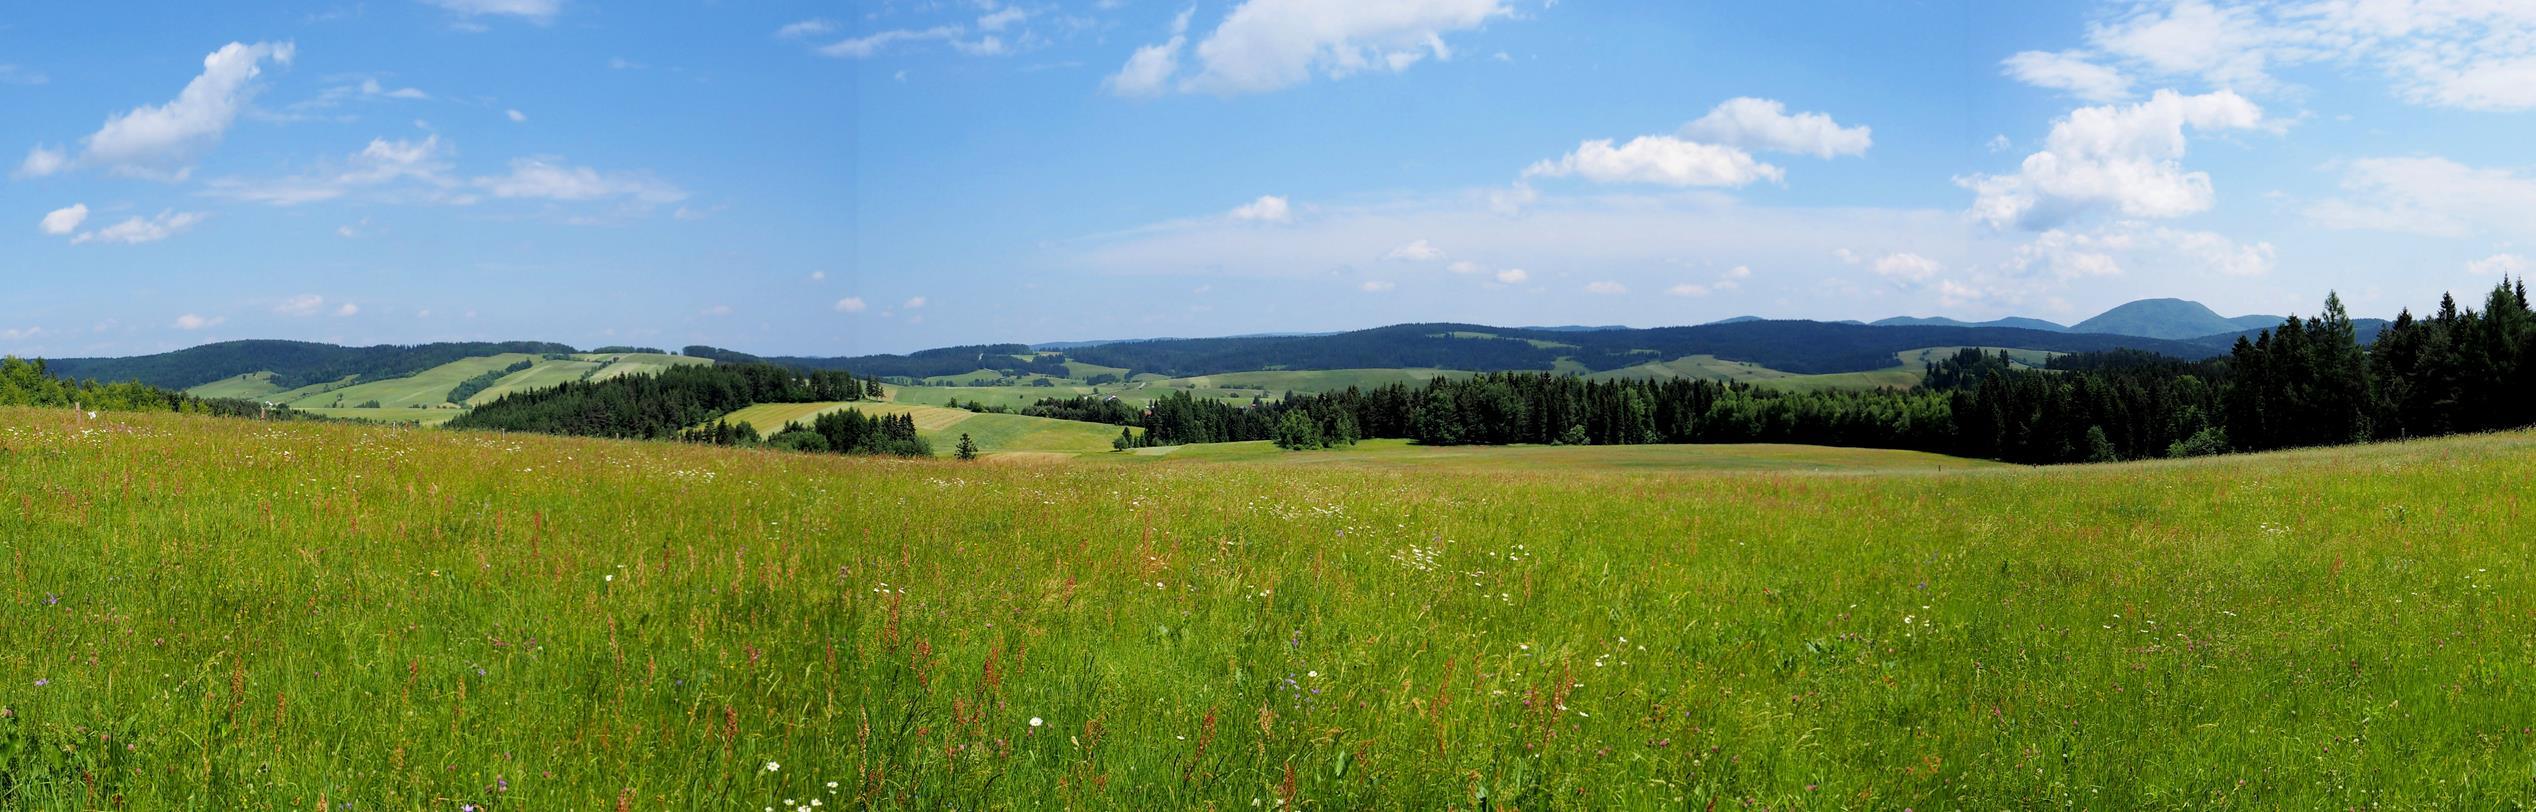 Typowy dla Beskidu Niskiego pejzaż - na pierwszym planie łąki wokół Mochnaczki, w tle górująca nad okolicą Lackowa - najwyższy szczyt tego B. Niskiego.